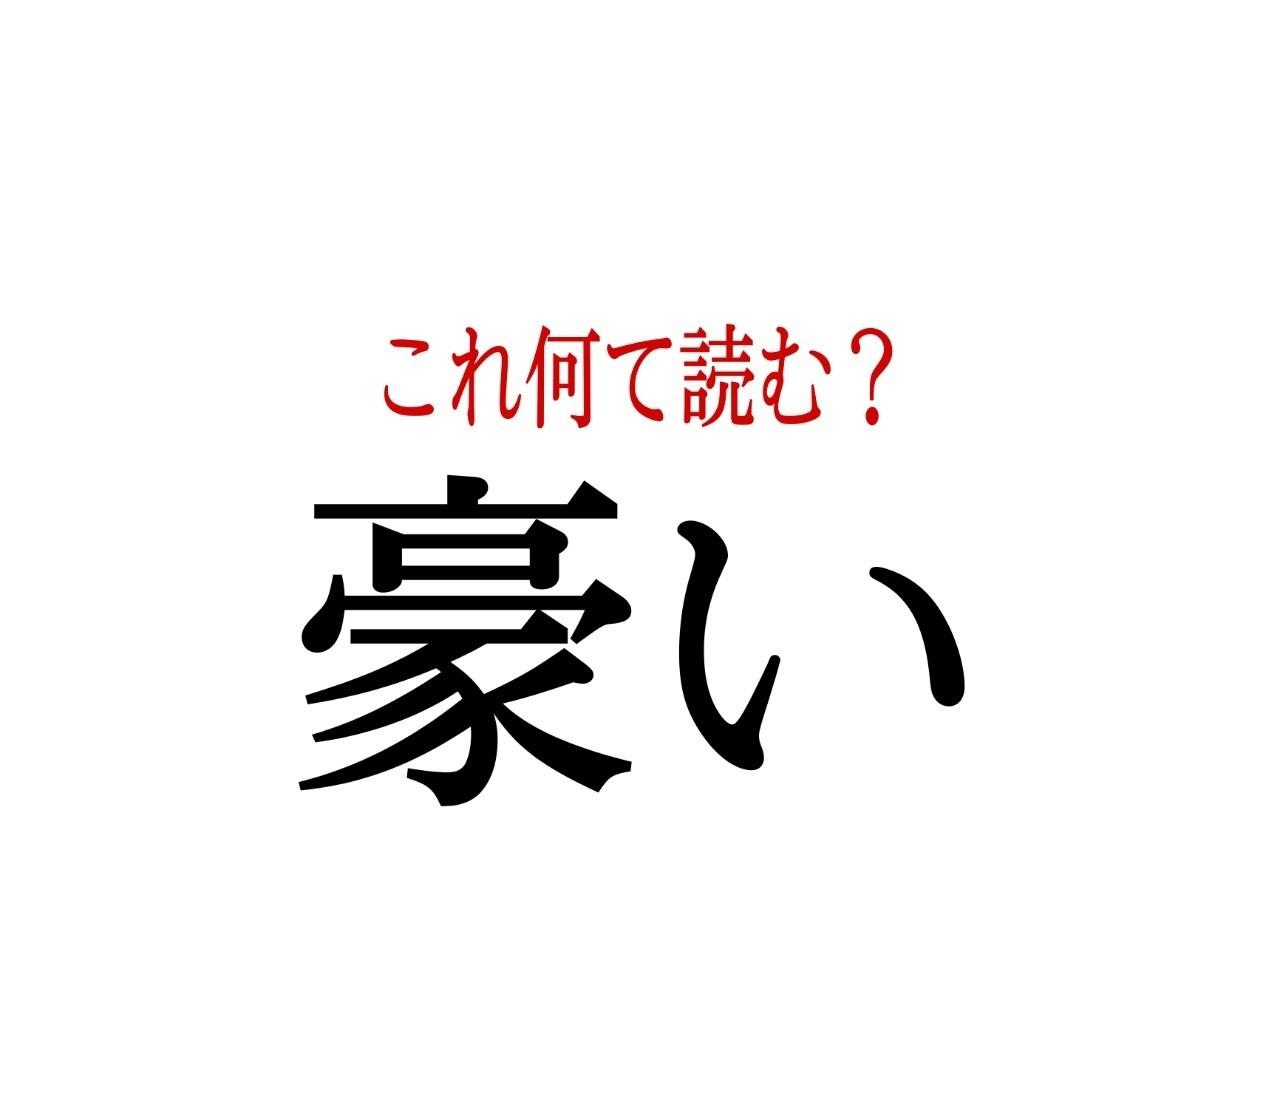 「豪い」:この漢字、自信を持って読めますか?【働く大人の漢字クイズvol.258】